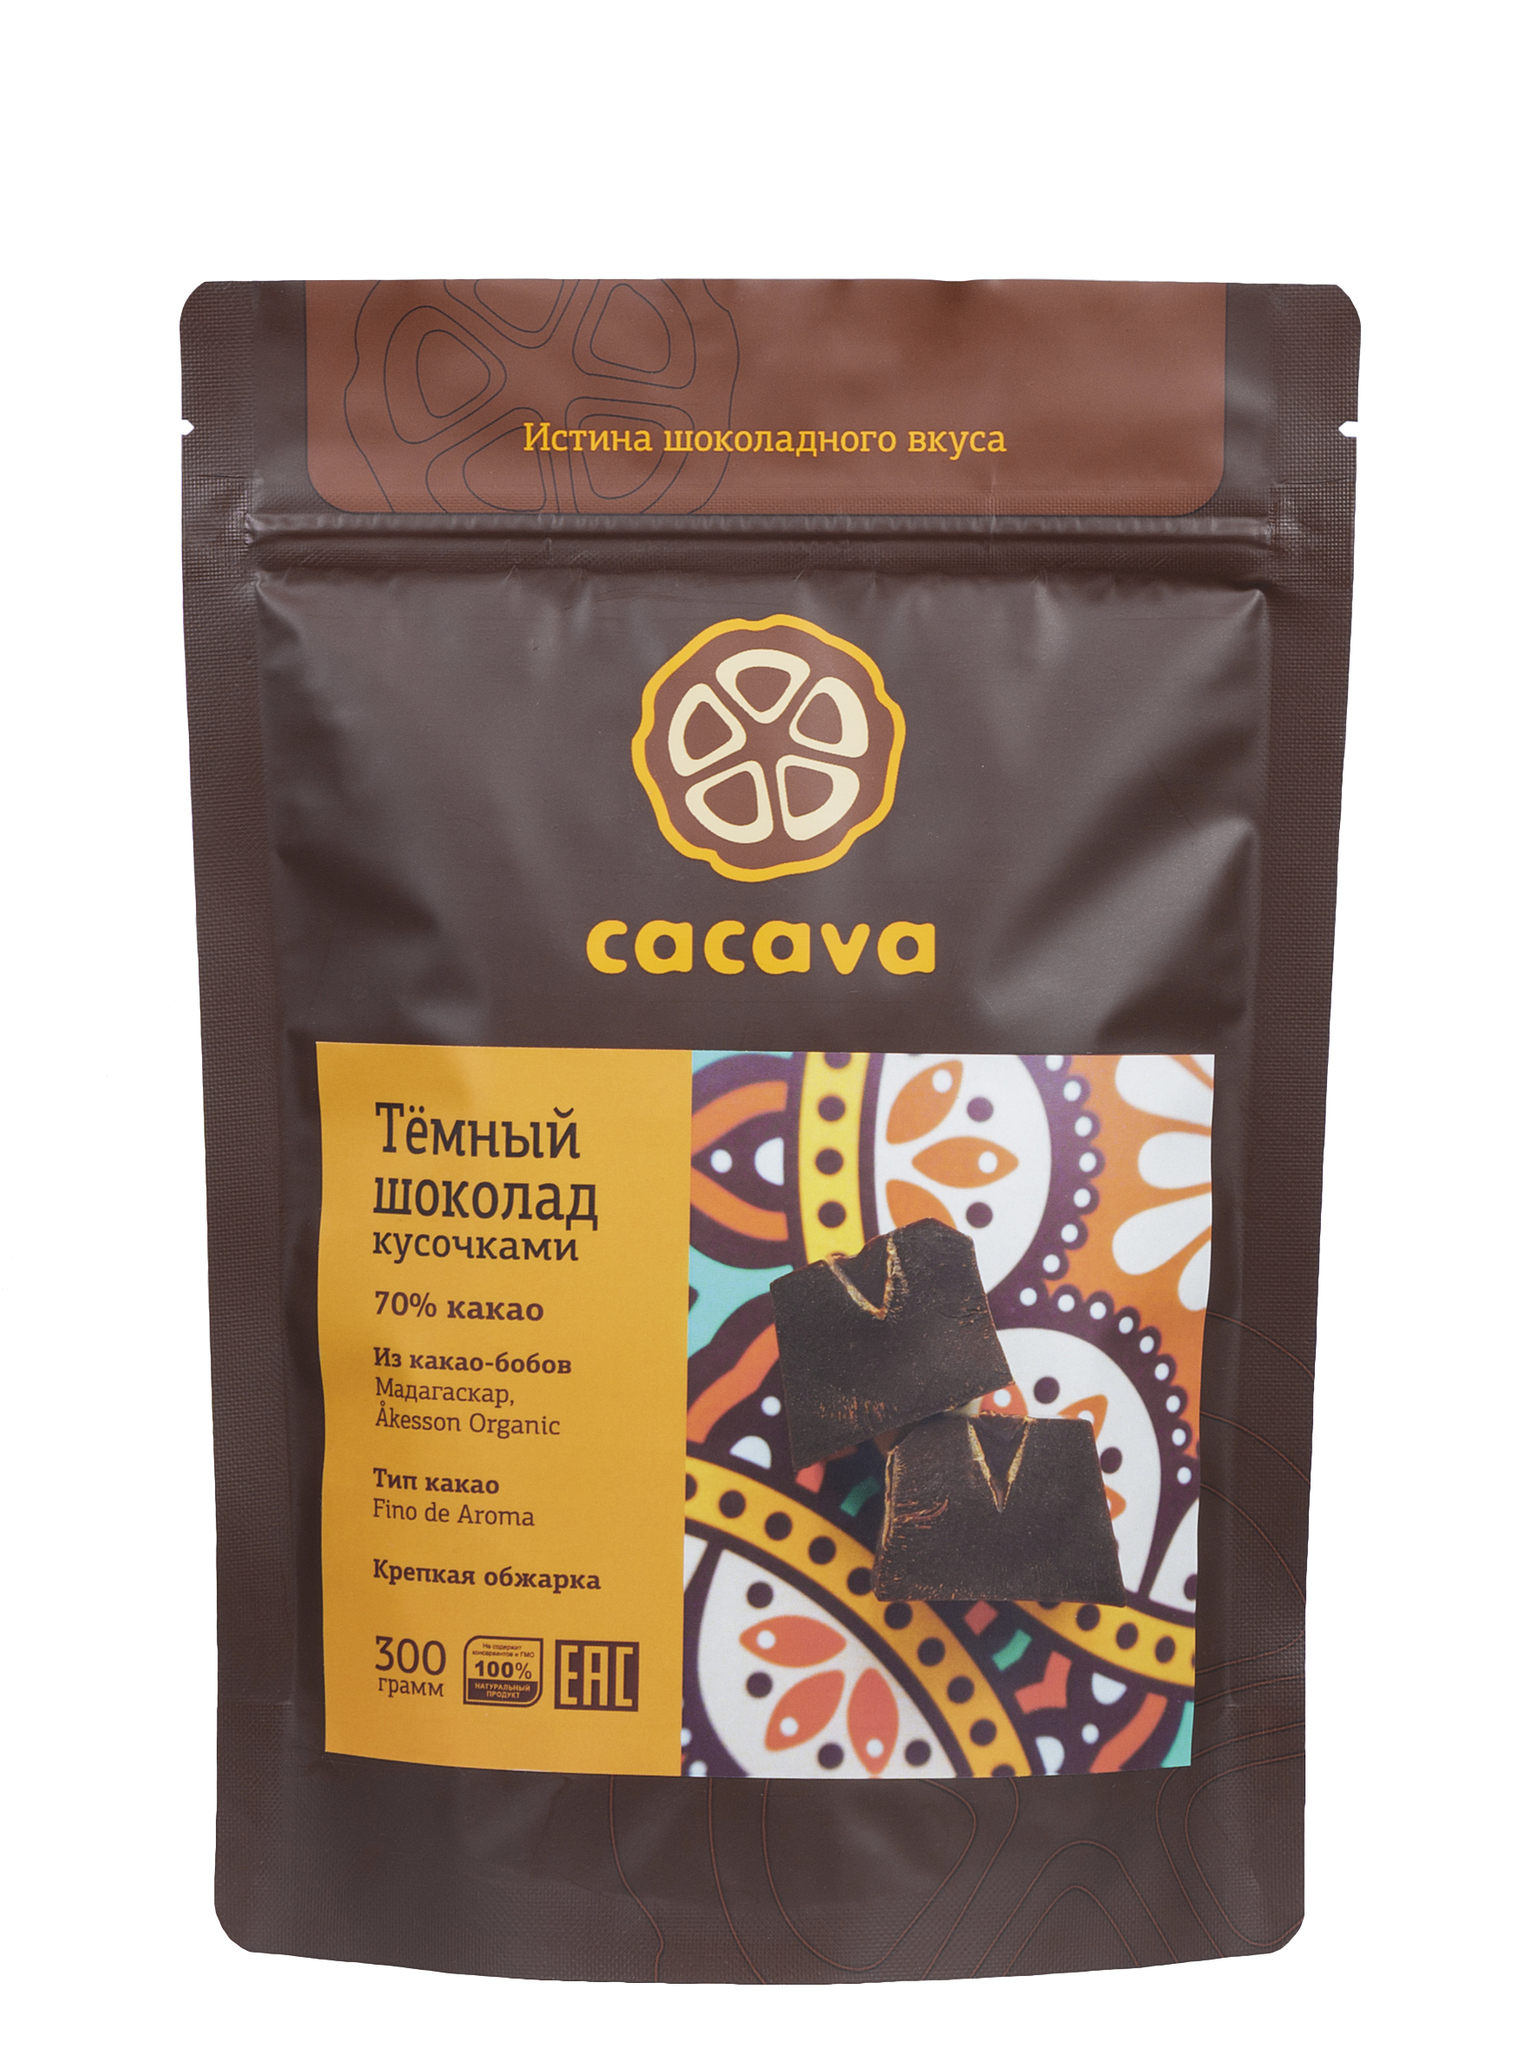 Тёмный шоколад 70 % какао ((Мадагаскар, Åkesson), упаковка 300 грамм